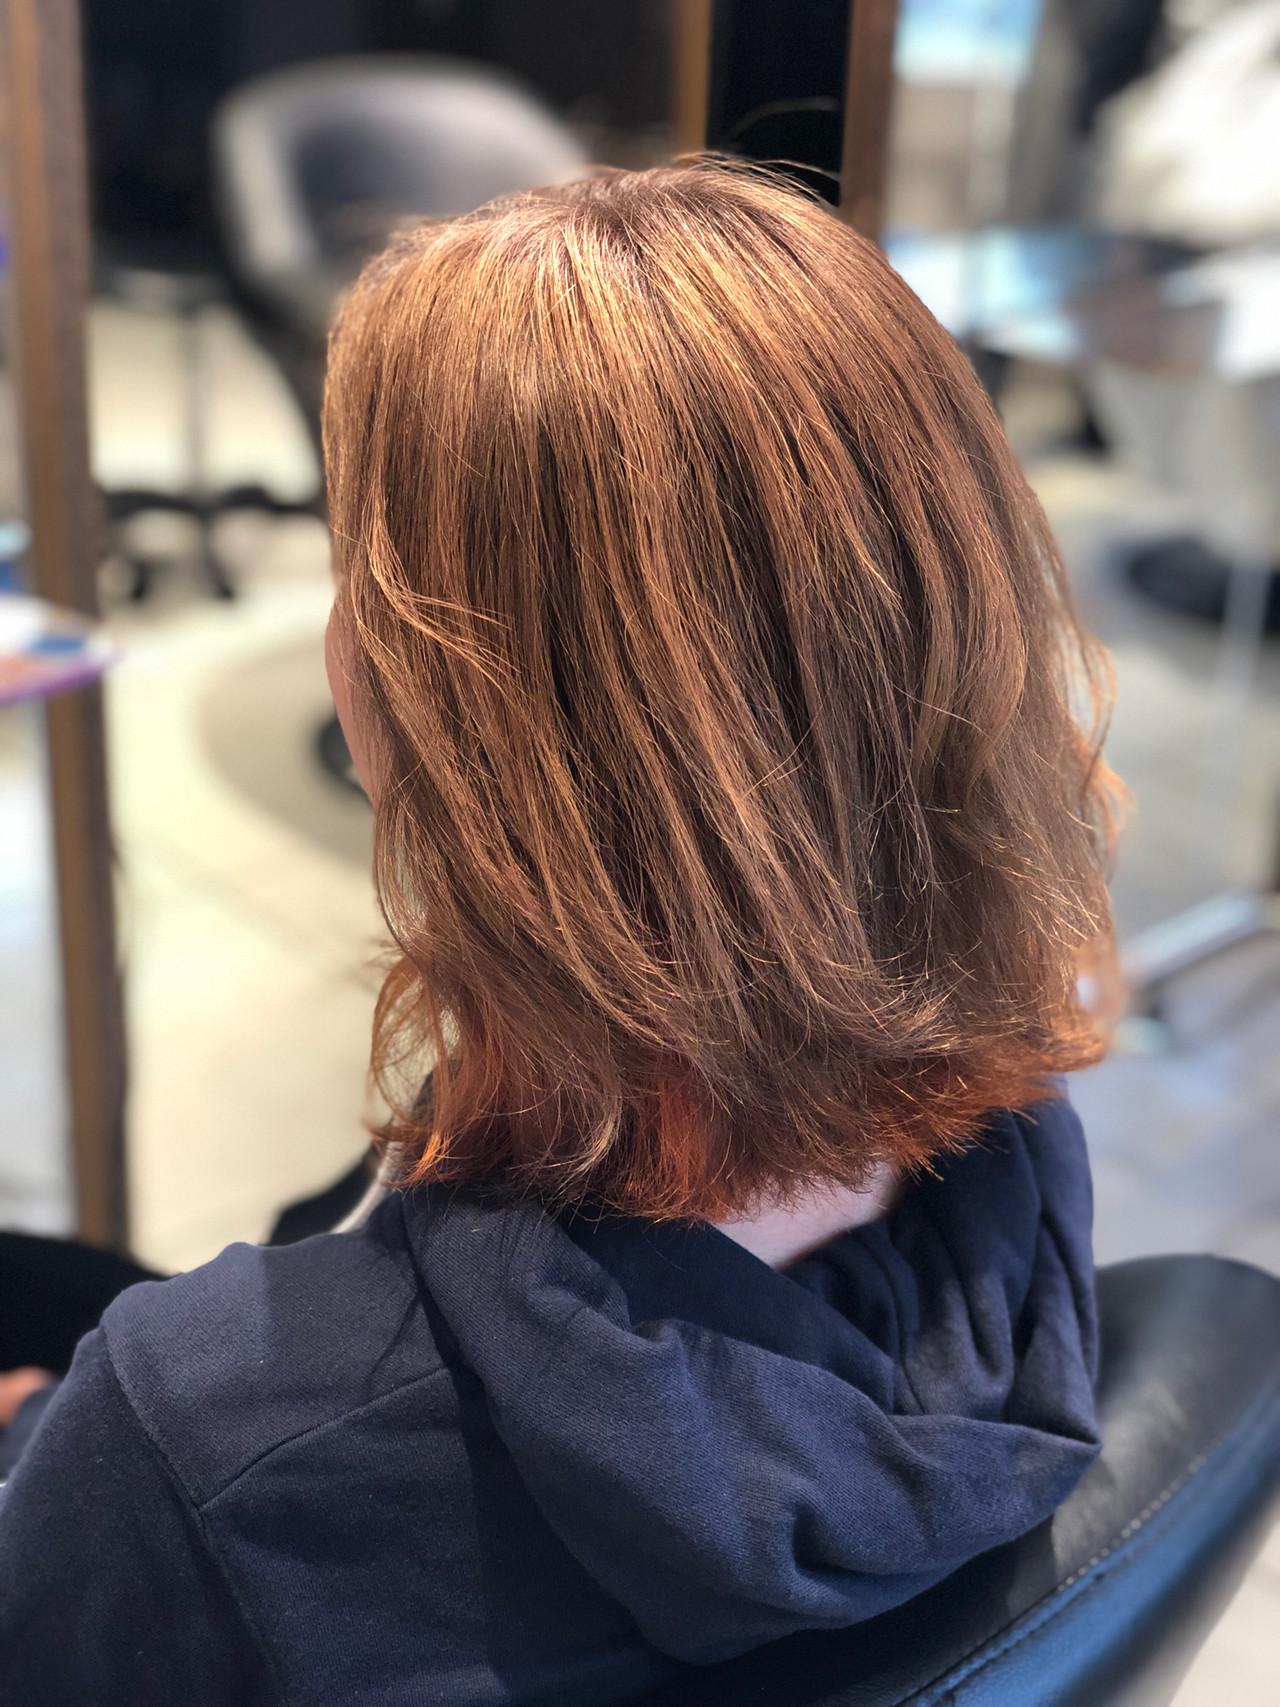 ベージュ ボブ ダブルカラー ブリーチカラー ヘアスタイルや髪型の写真・画像